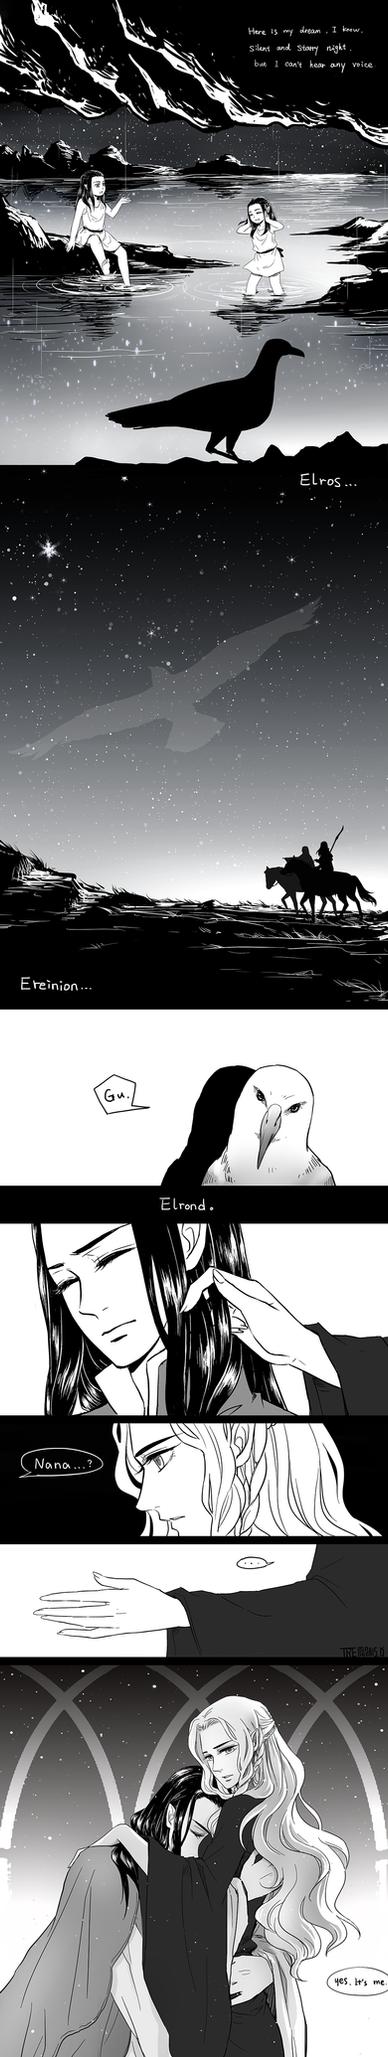 White bird by akato3